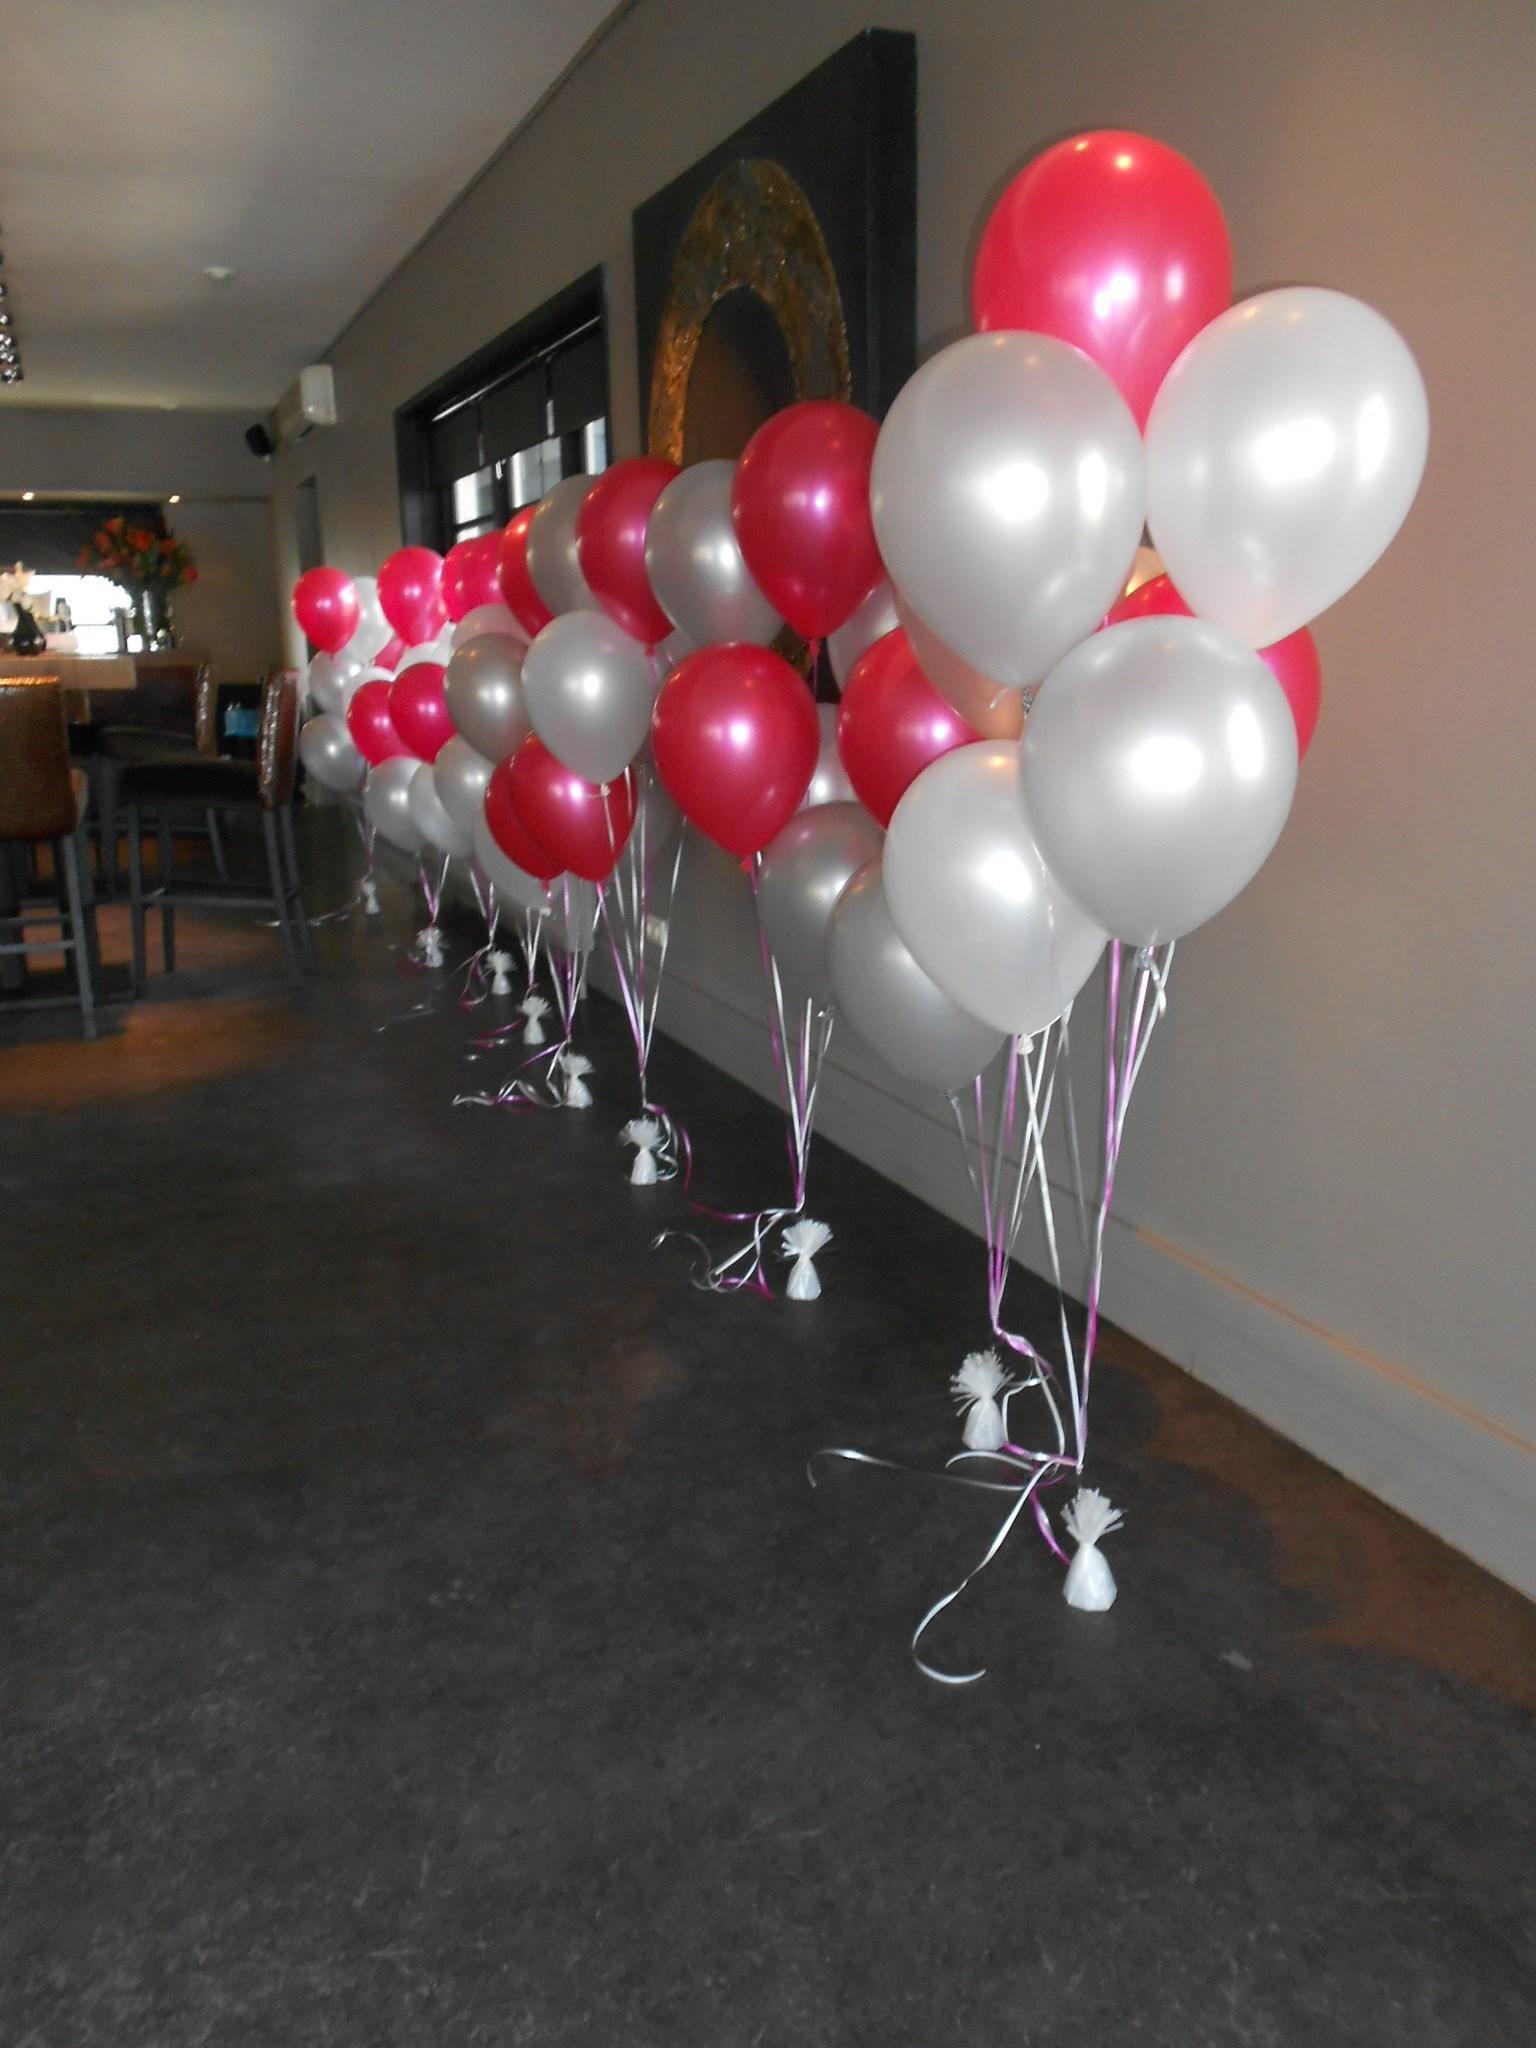 Ballonnen voor bruiloft ballonnenpartners for Ballonnen decoratie zelf maken